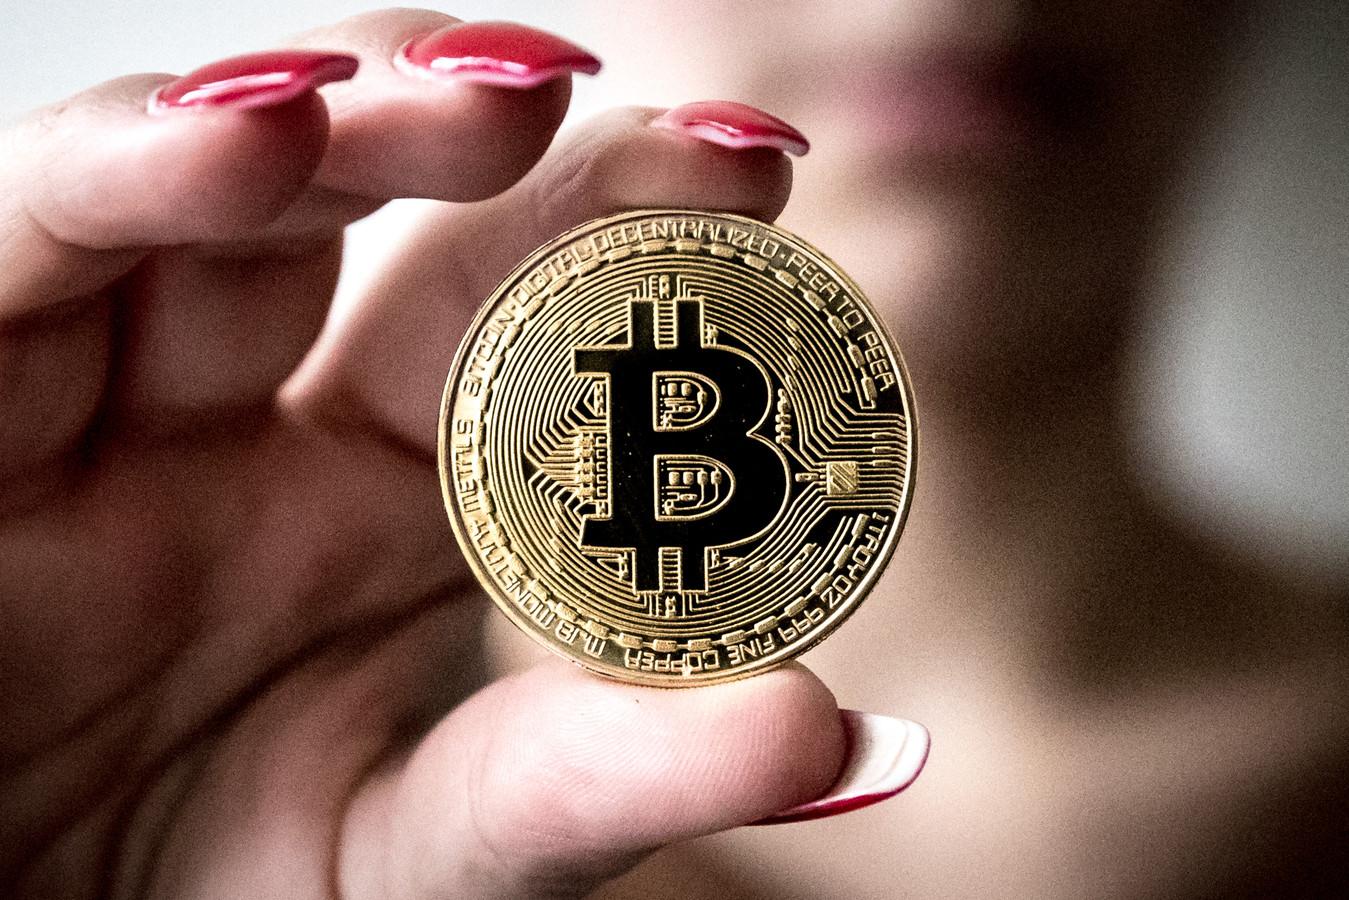 Cryptovaluta, zoals de Bitcoin, hebben een enorm potentieel maar dragen ook risico's met zich mee.